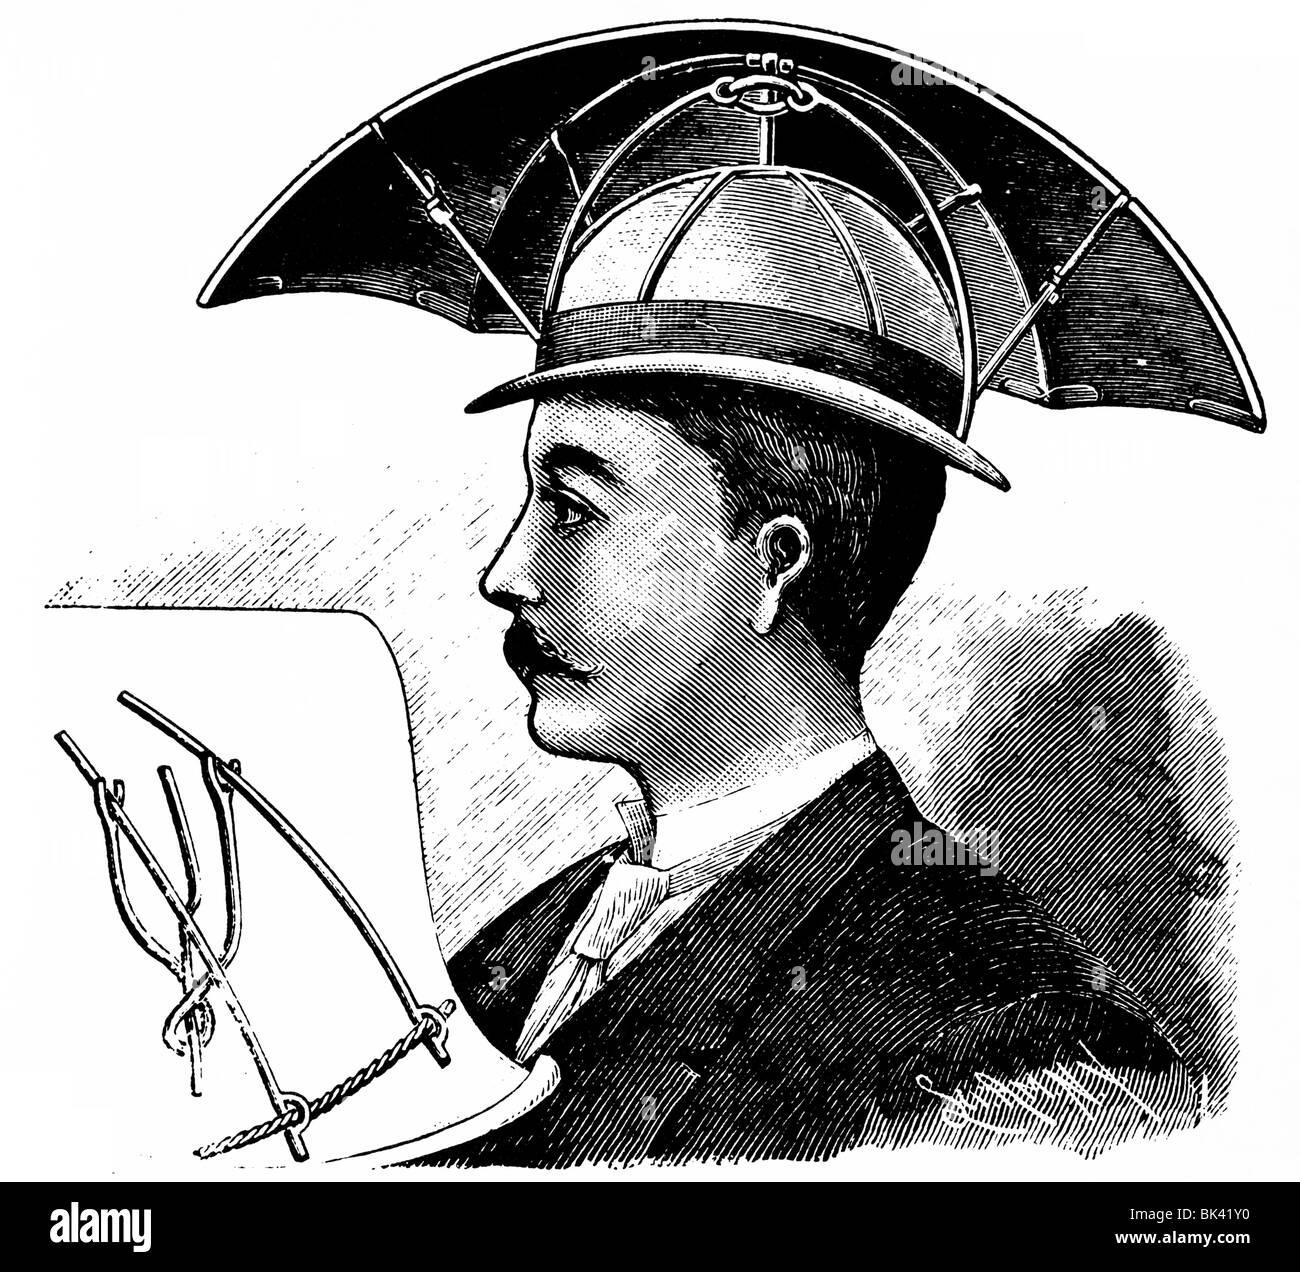 Bartine s sunshade hat, 1890 - Stock Image